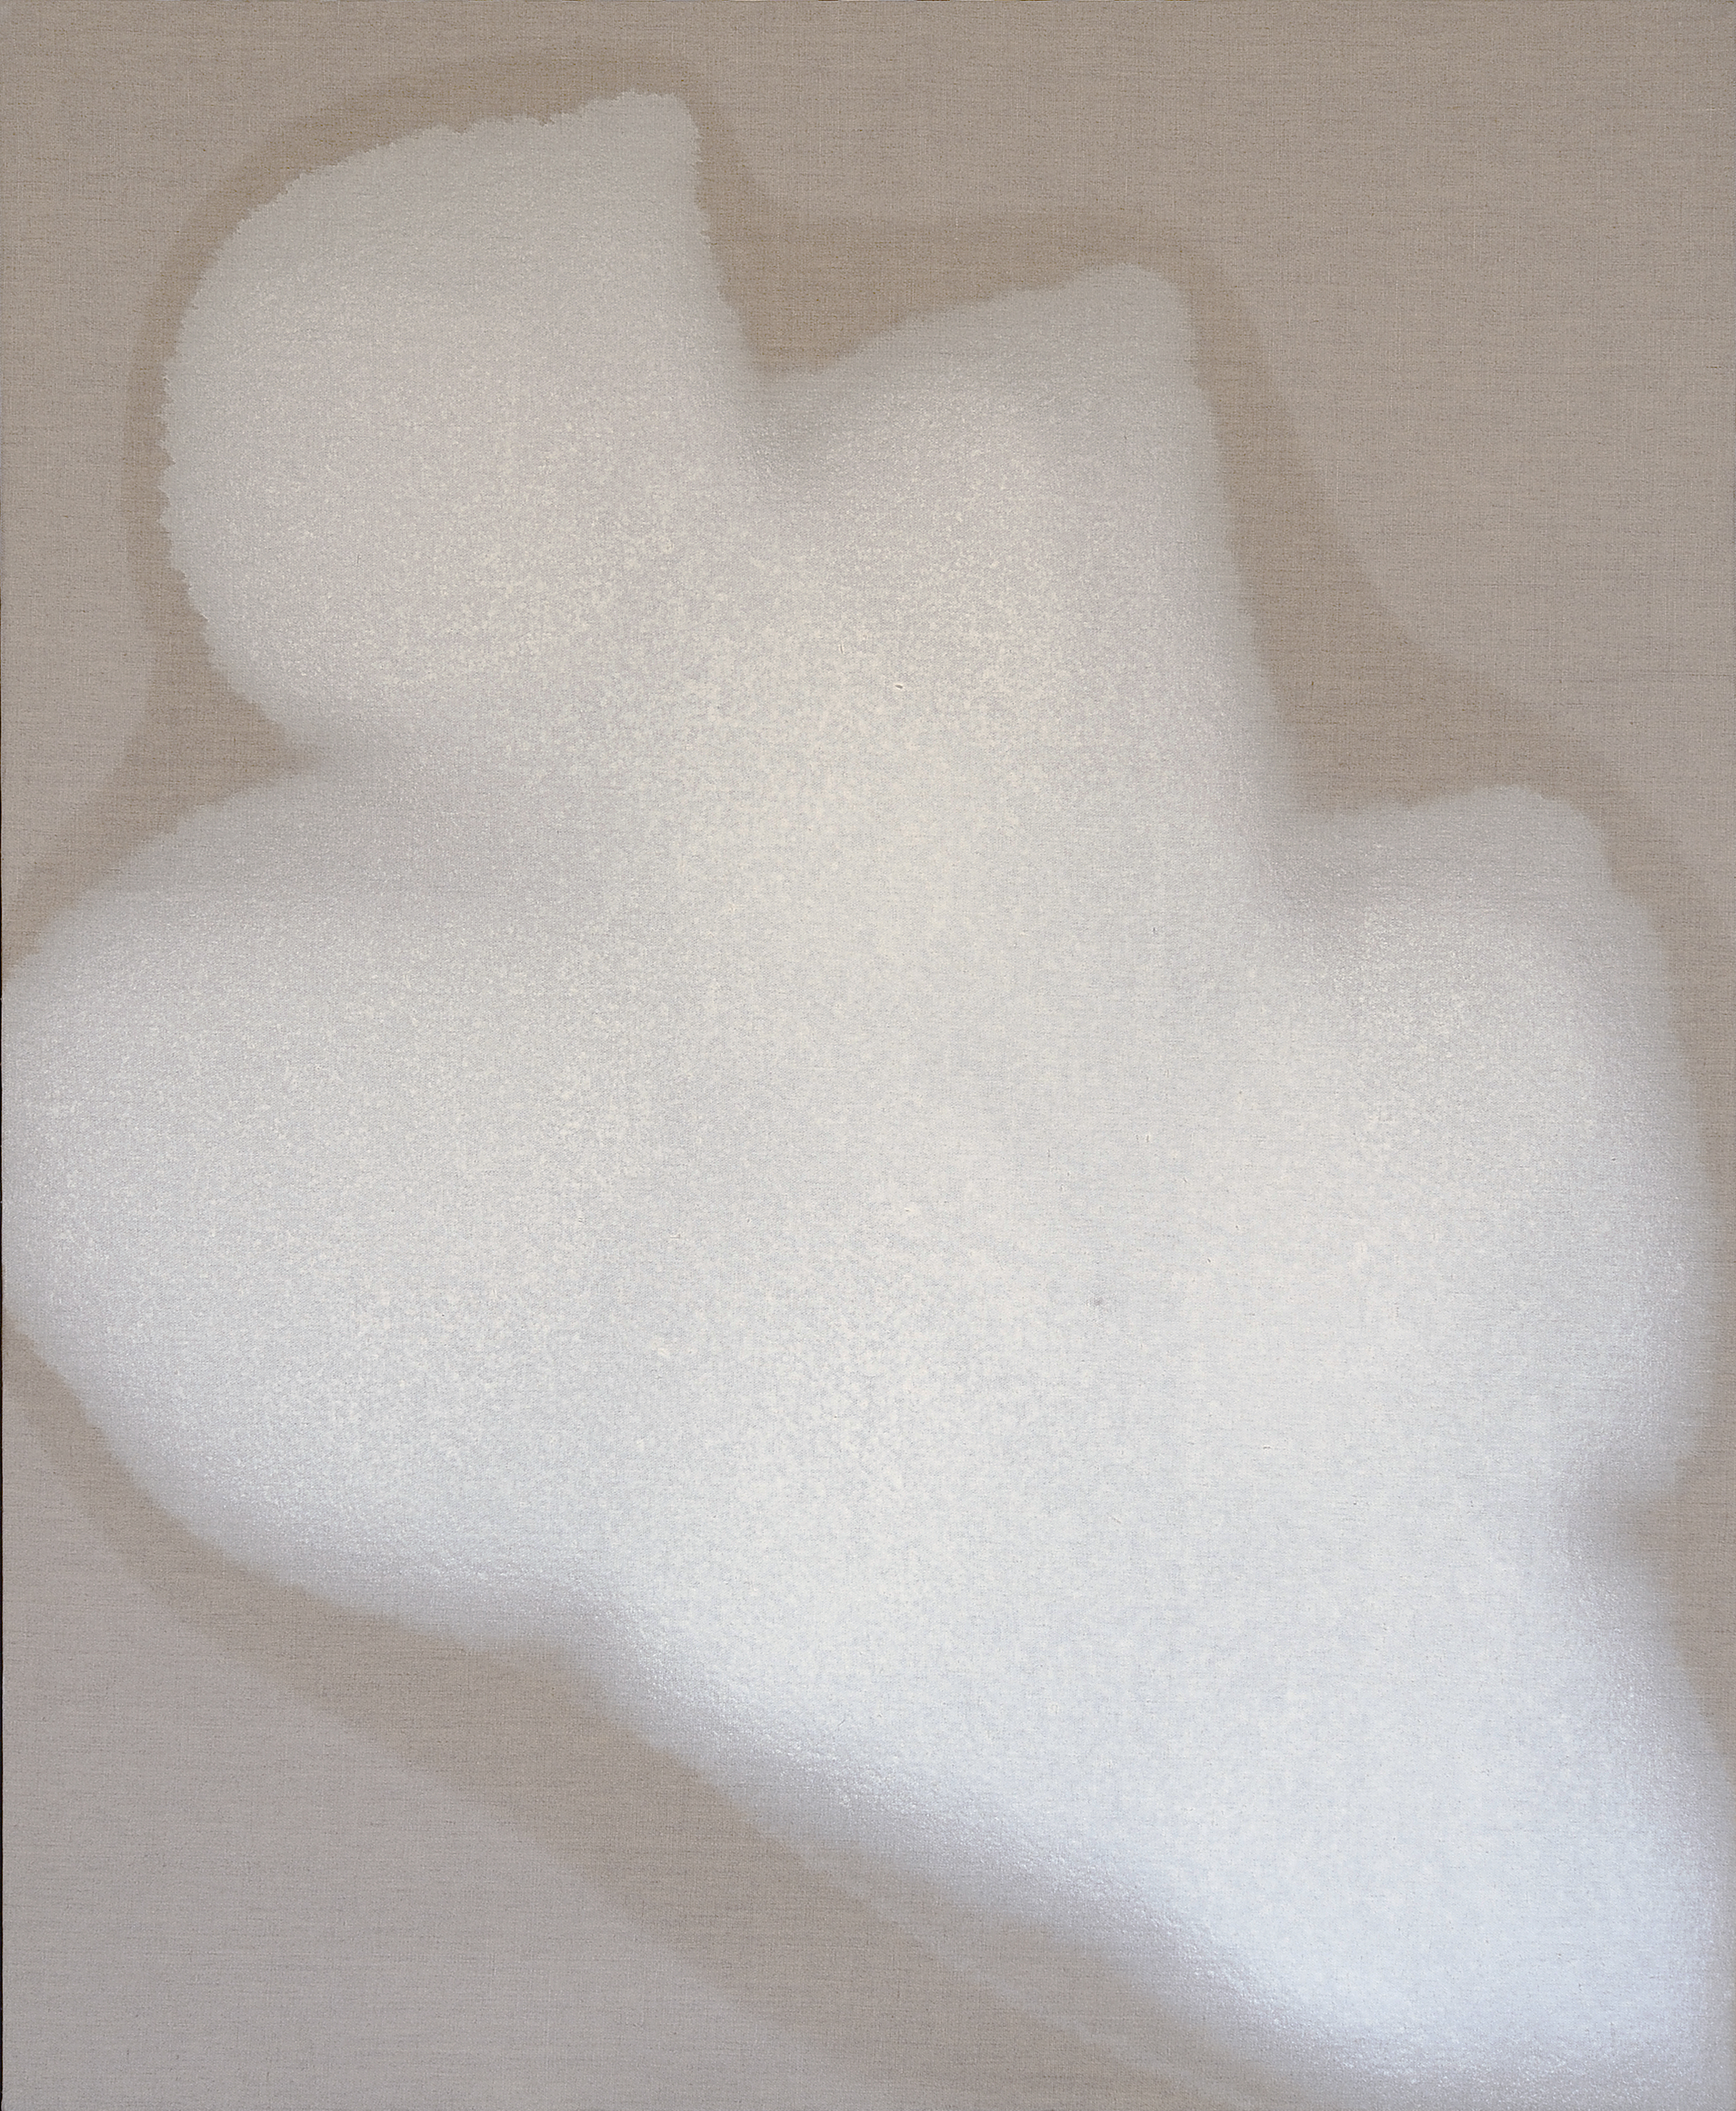 10 giugno,2008, olio su tela, cm 110 x 90  10 giugno, 2008, oil on canvas, cm 110 x 90